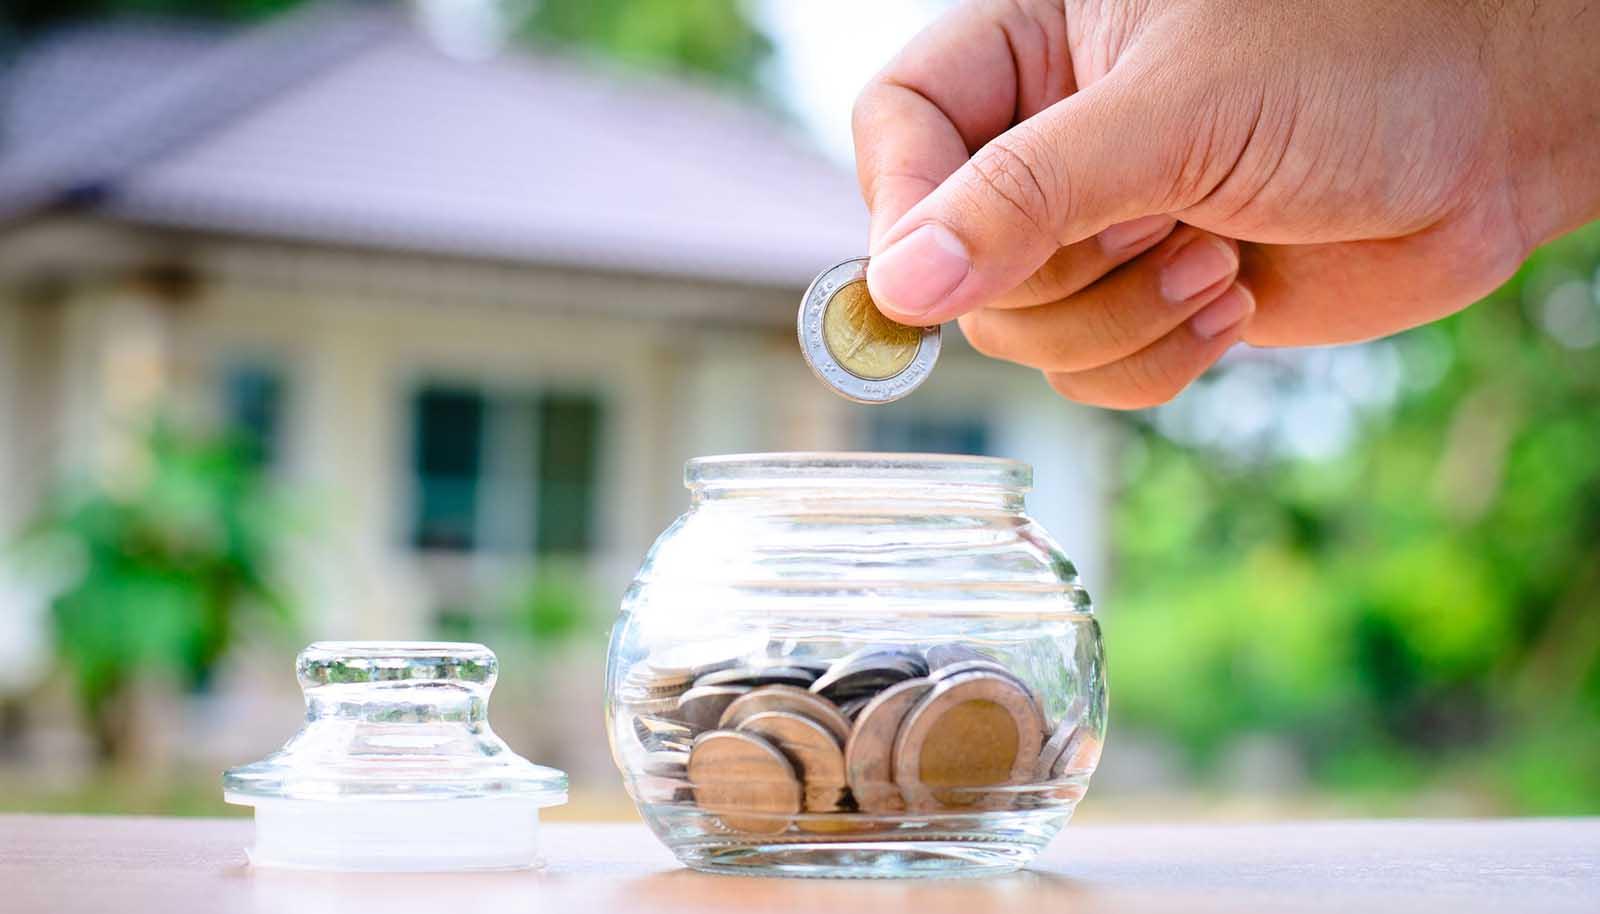 Fideiussione bancaria per affitto Torre Spaccata - La soluzione migliore, rispetto a quella bancaria e a quella di istituti finanziari.